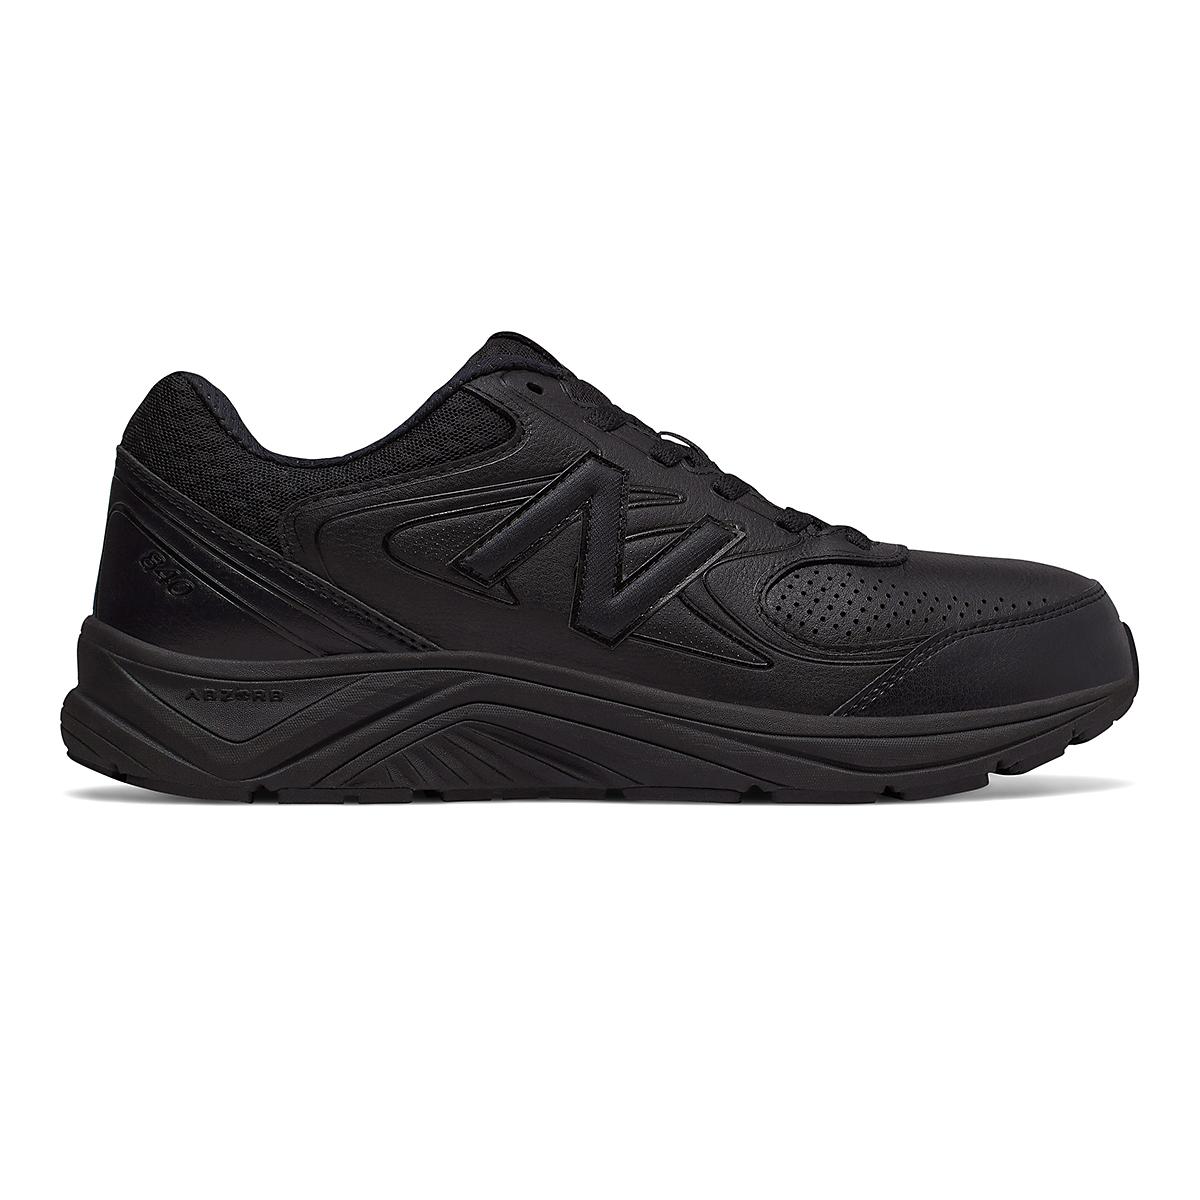 Men's New Balance 840v2 Leather Walking Shoe - Color: Black/Black - Size: 7 - Width: Wide, Black/Black, large, image 1